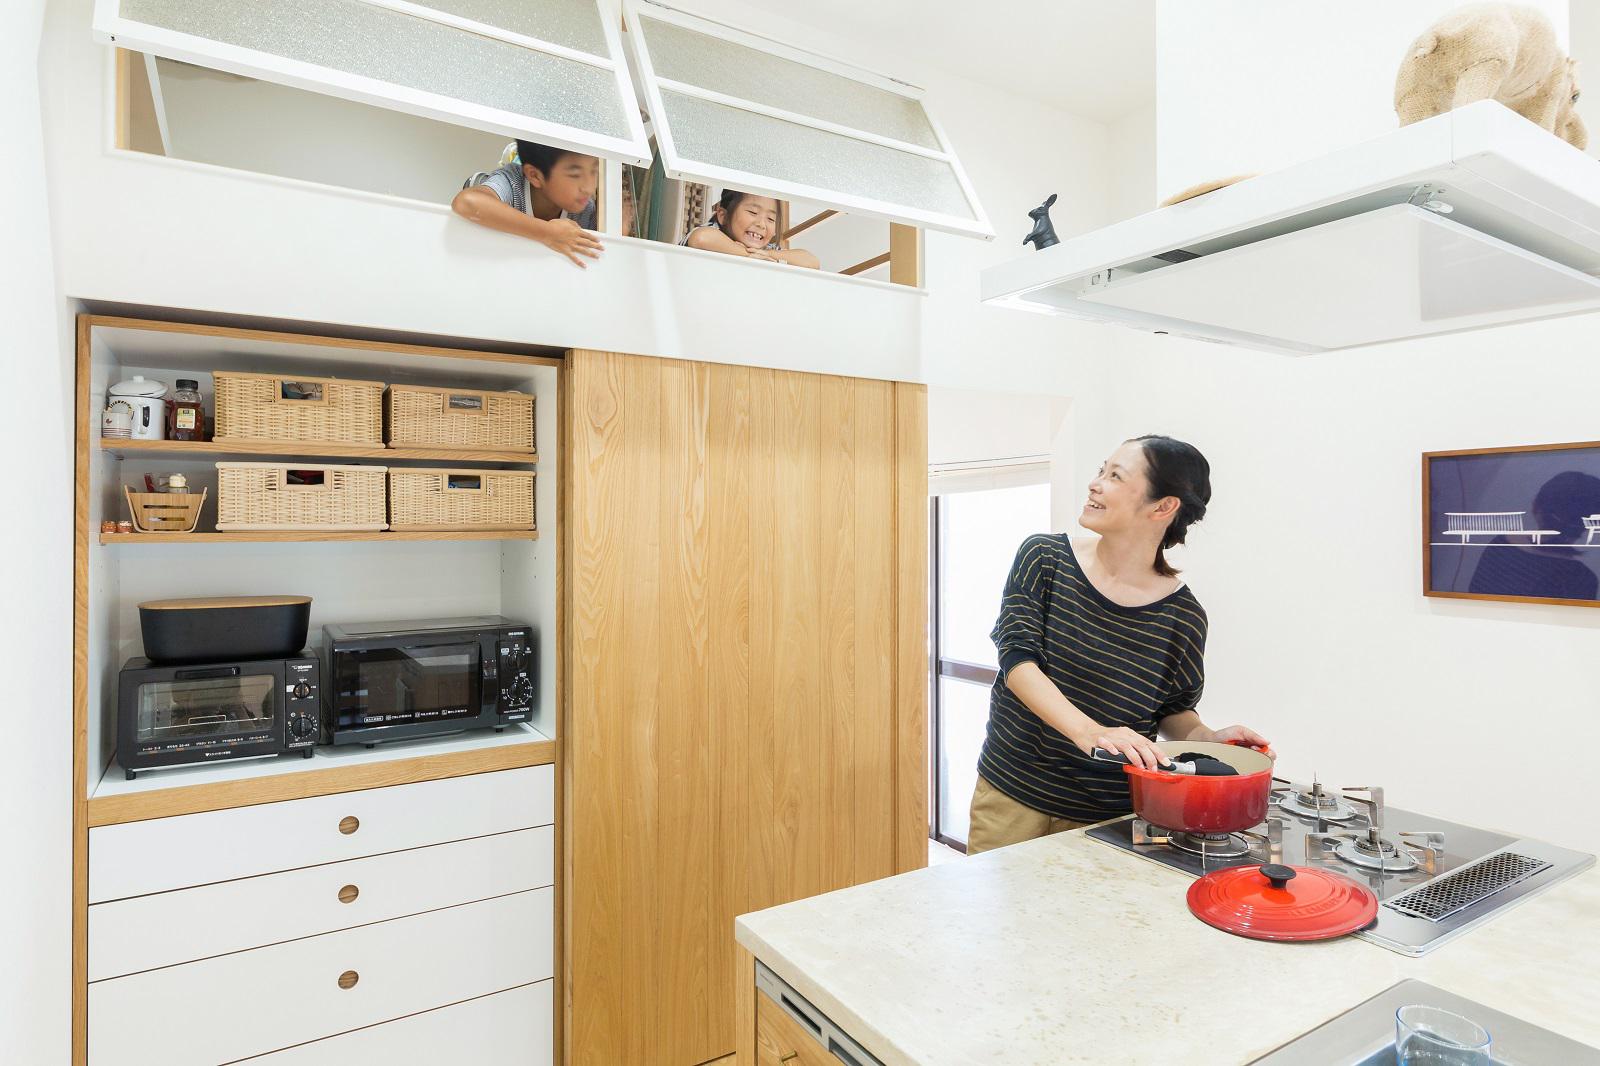 メイン画像 | CRAFT WORKS. | 株式会社CWT | クラフトワークス | 新築、店舗、住宅、マンションのリフォーム・リノベーション | 福岡県北九州市